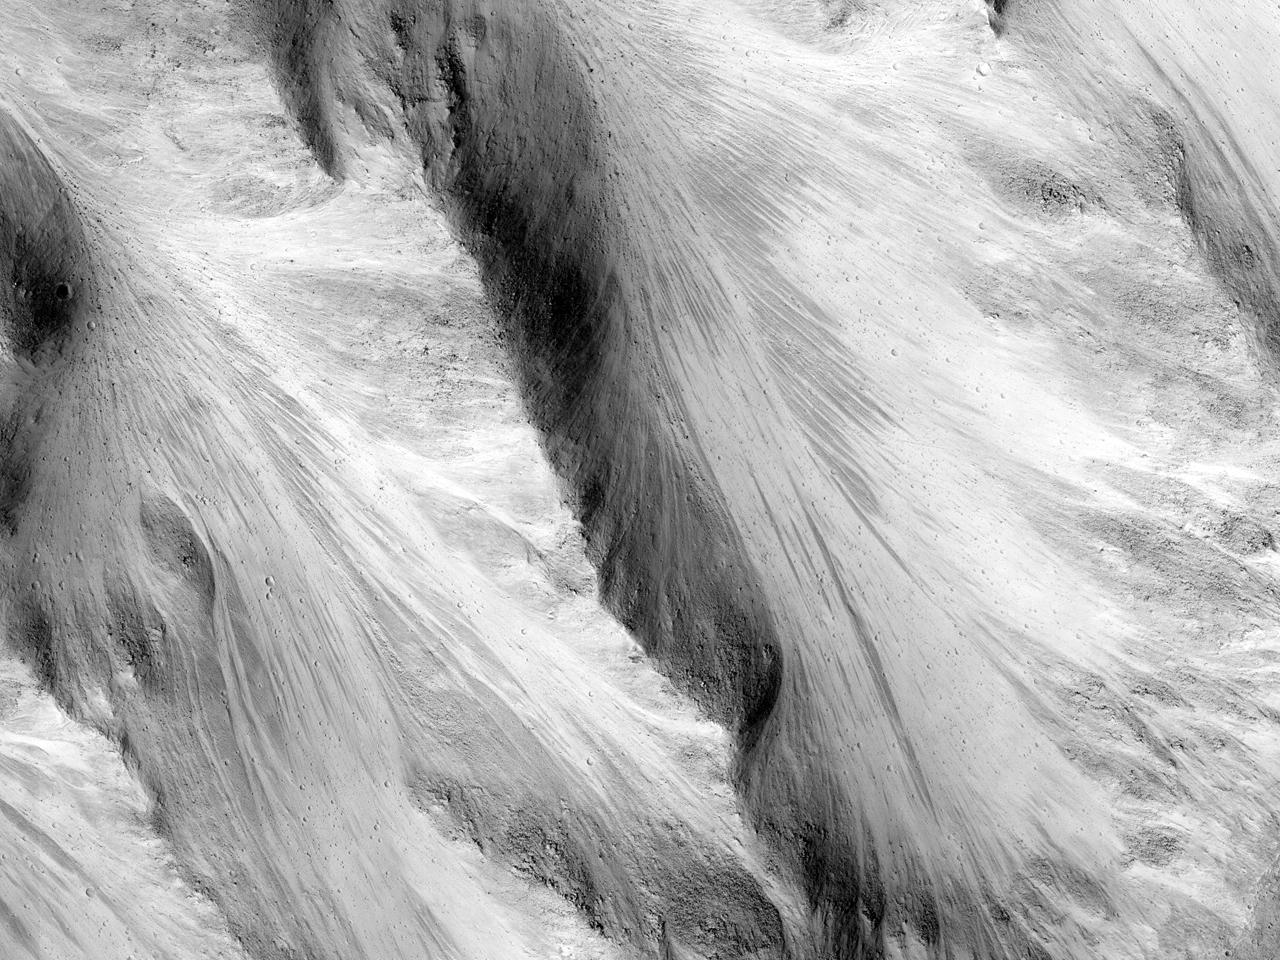 Sedimente întunecate în Shalbatana Vallis